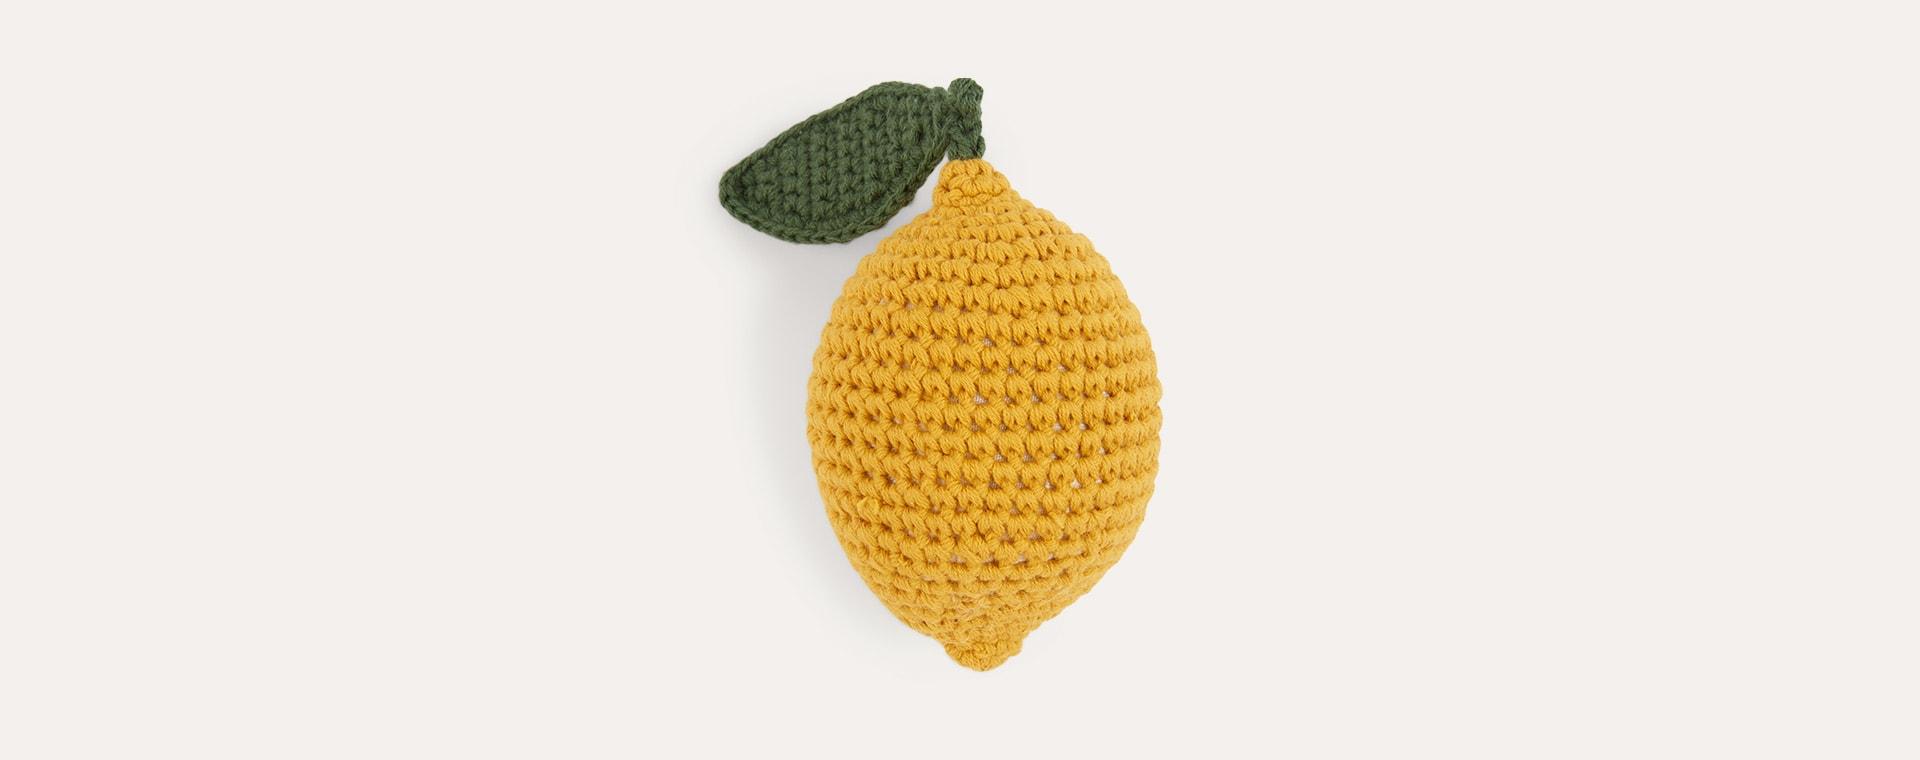 Lemon Sebra Crochet Rattle